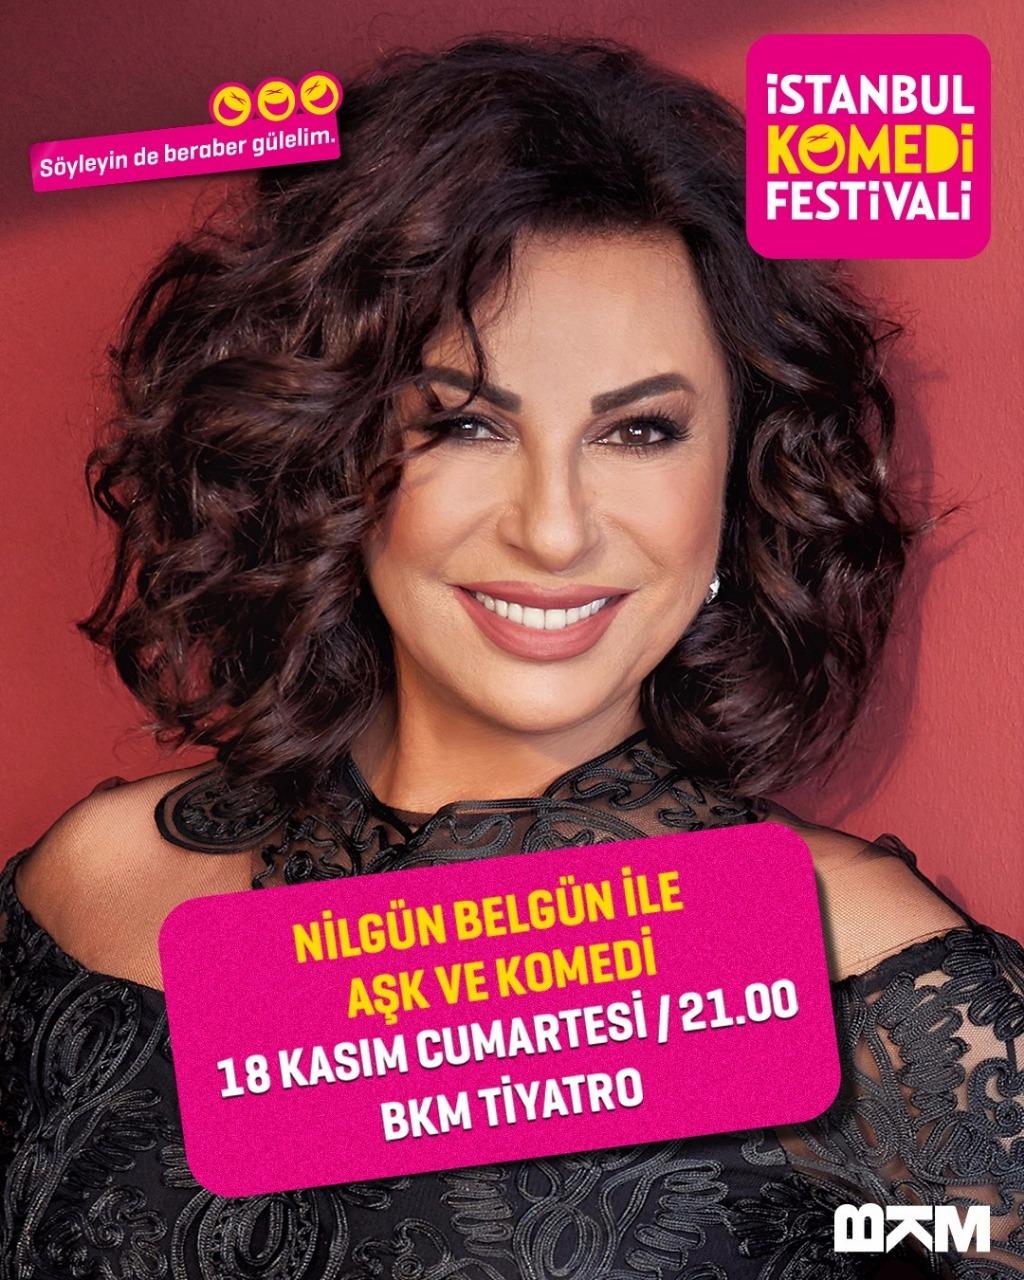 41'inci sanat yılını kutlayan Nilgün Belgün, 18 Kasım'da Komedi Festivali'nde